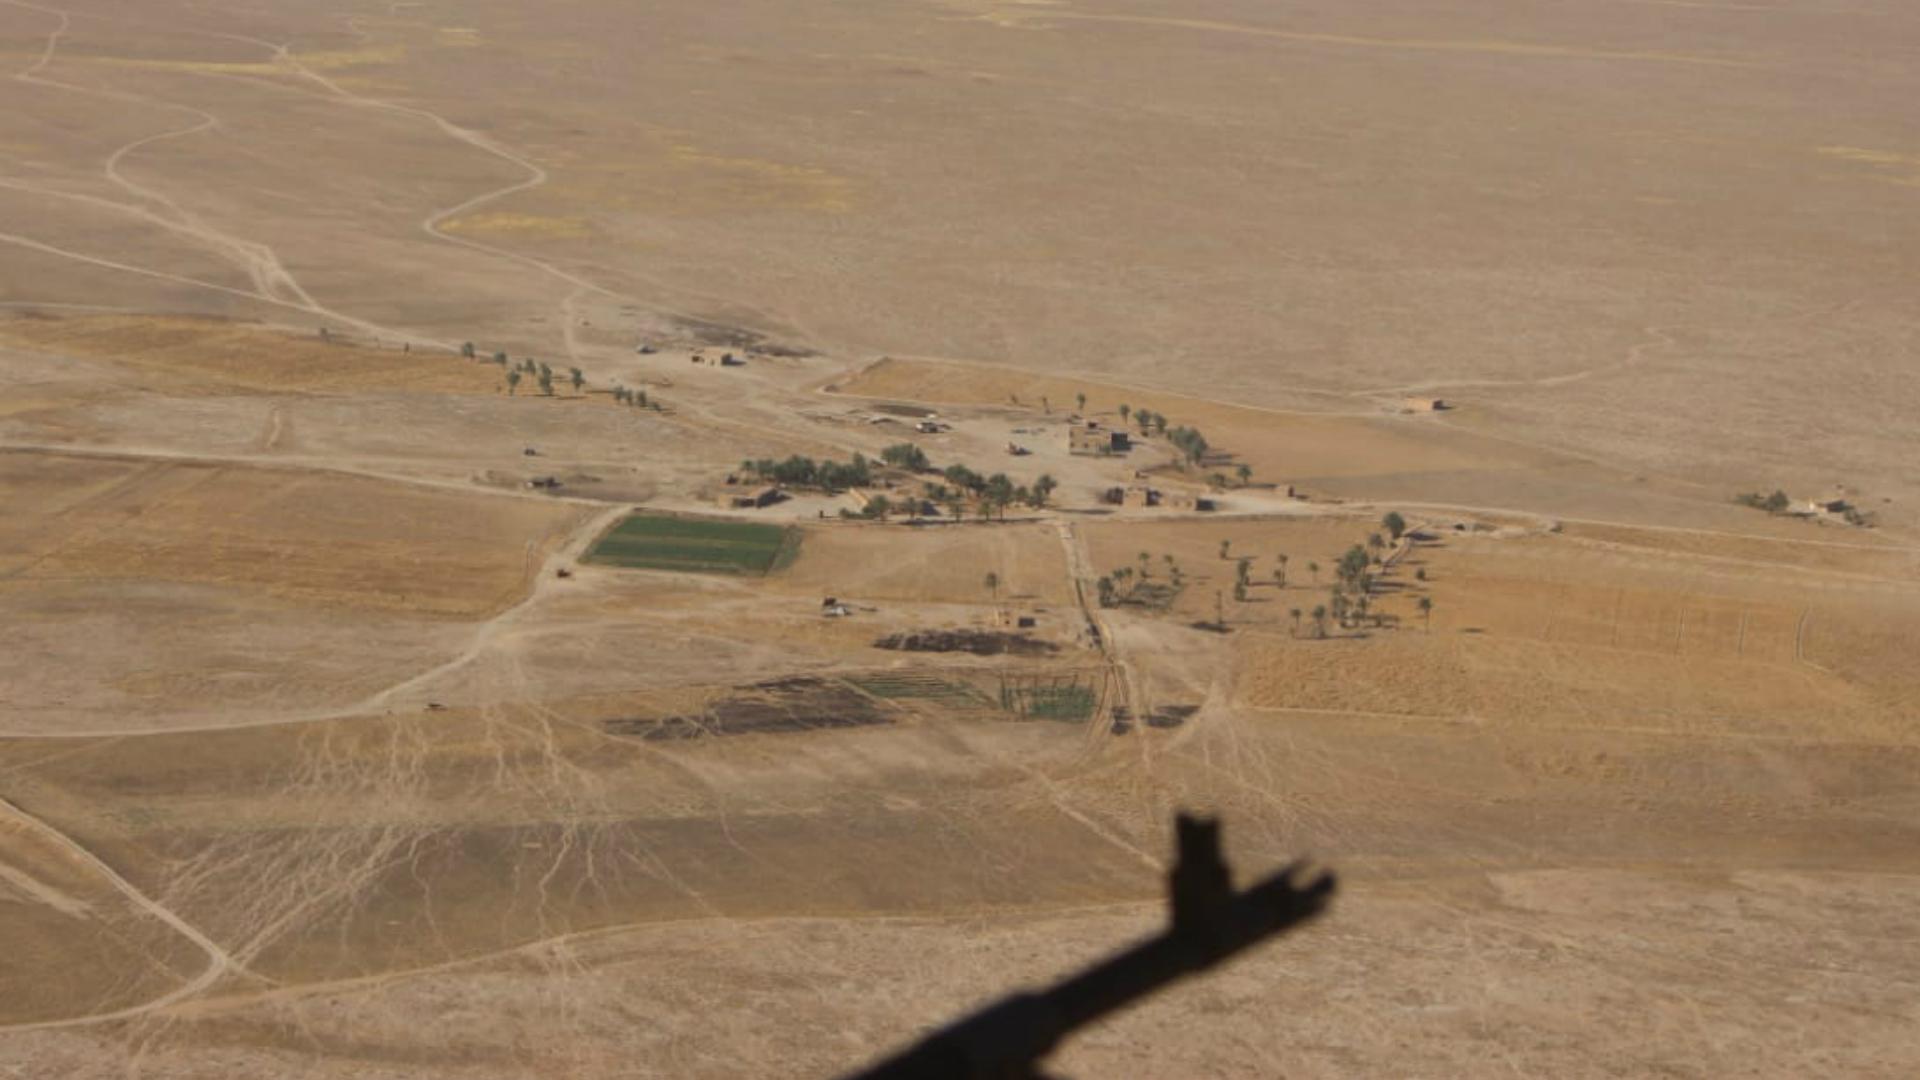 قوات الأمن وطائرات التحالف تستهدف إرهابيين في صلاح الدين وتقتل 8 منهم